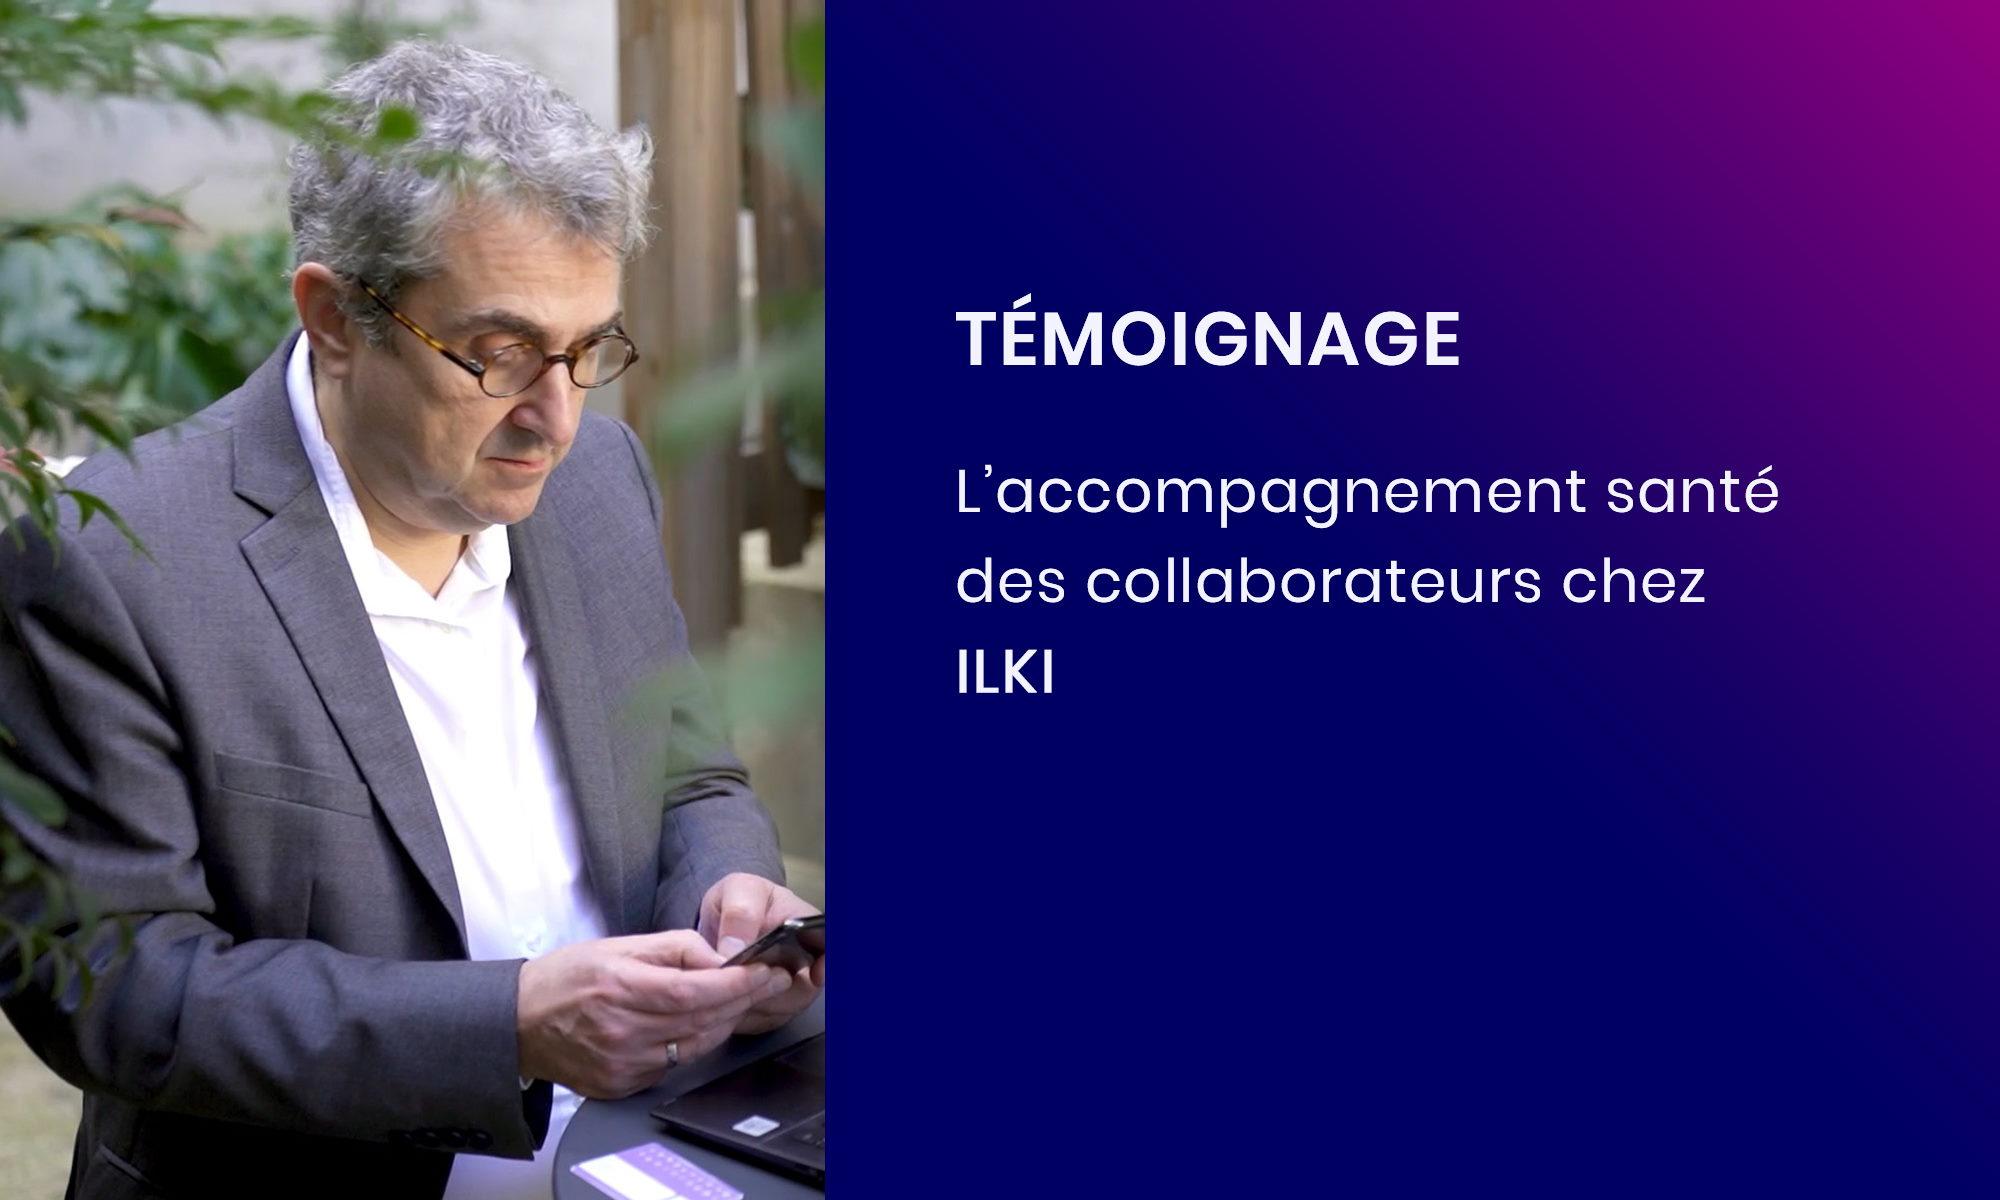 Témoignage : L'accompagnement santé Concilio pour Ilki